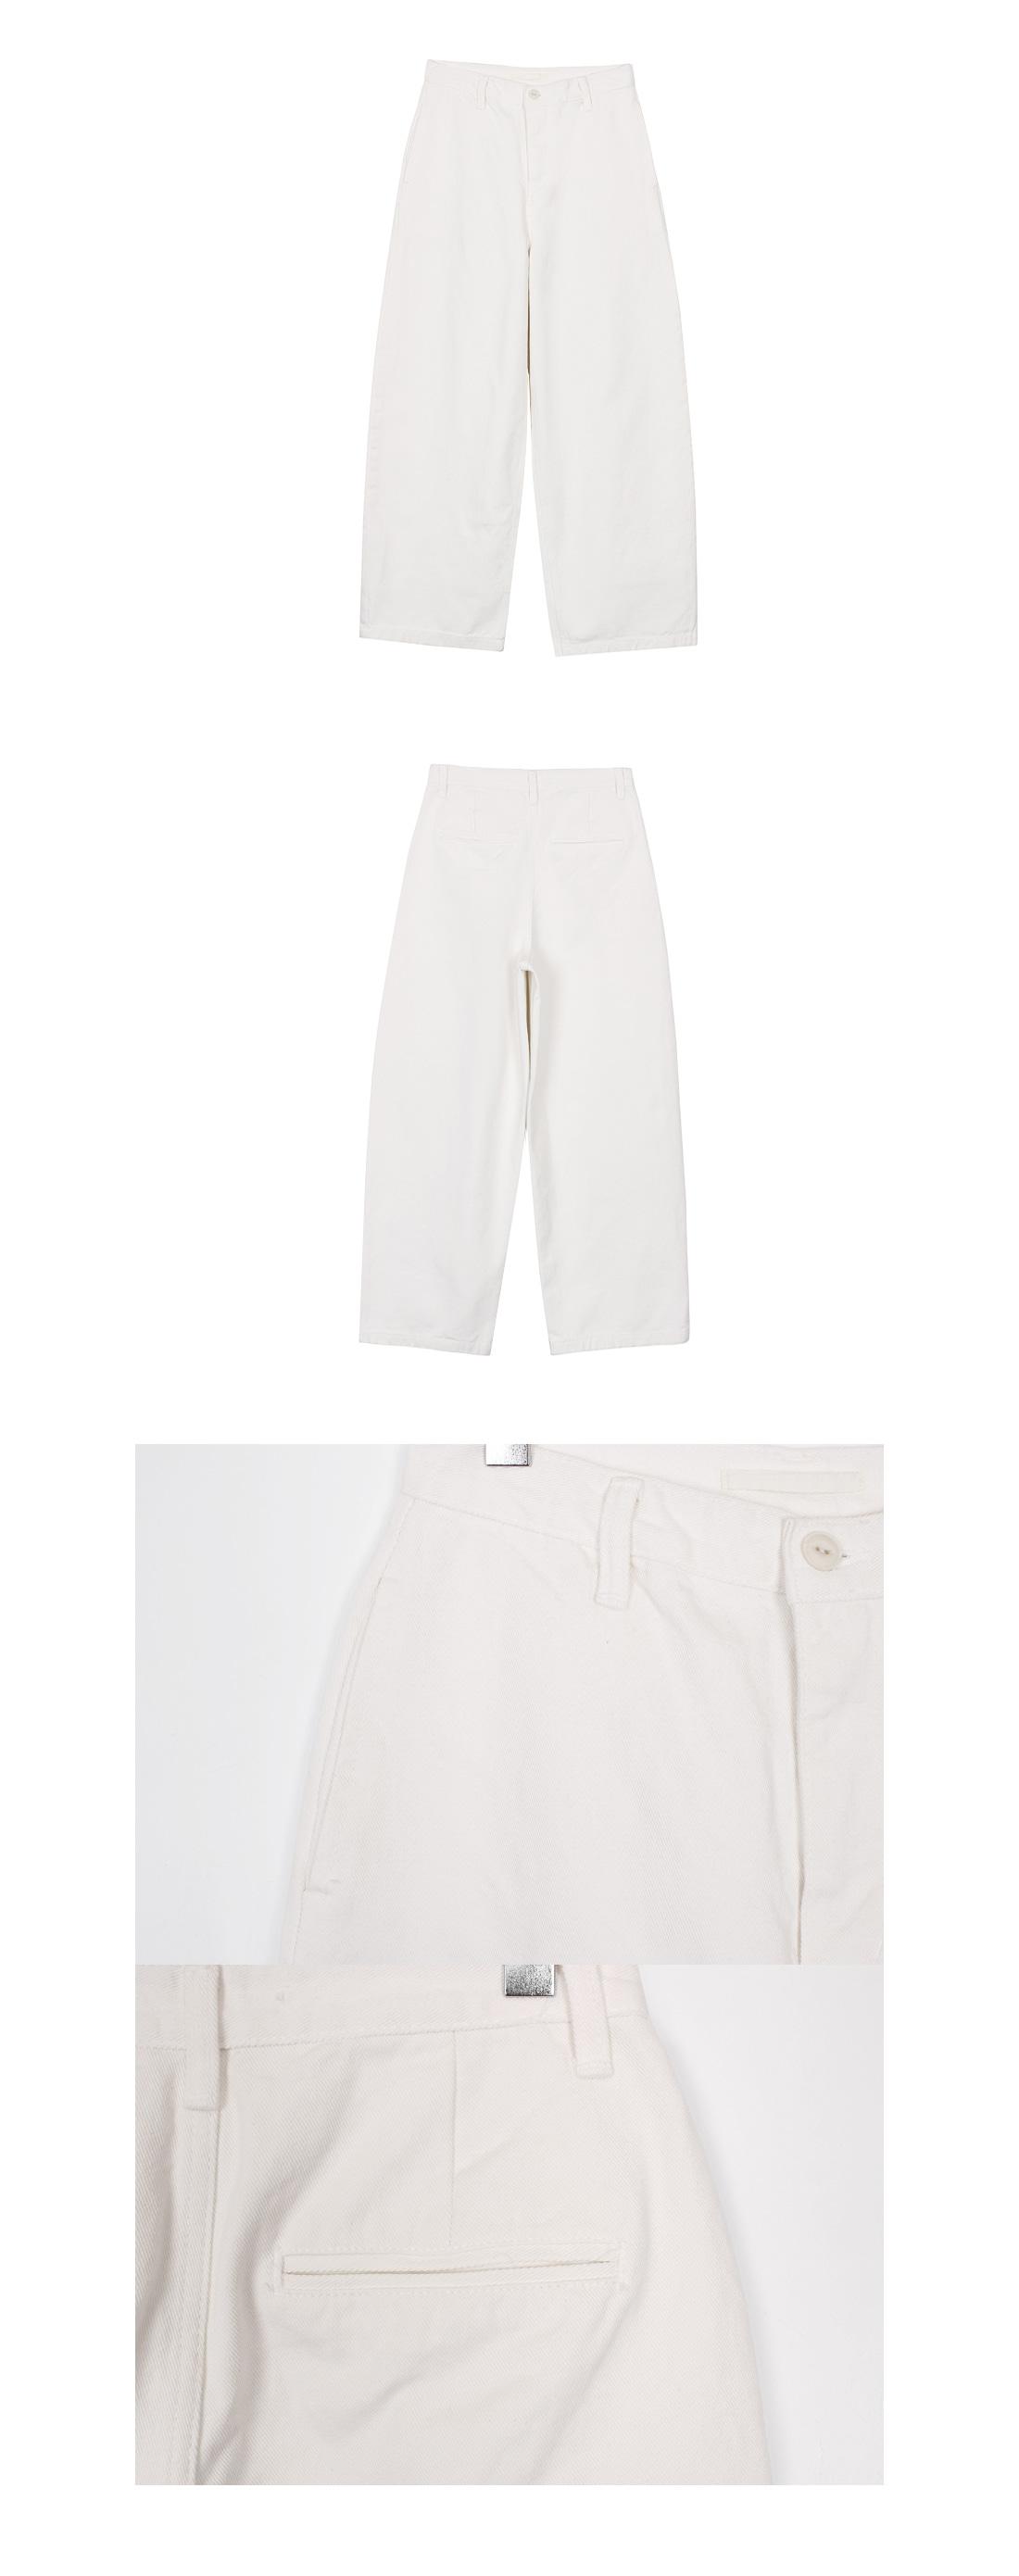 Pot wide pants